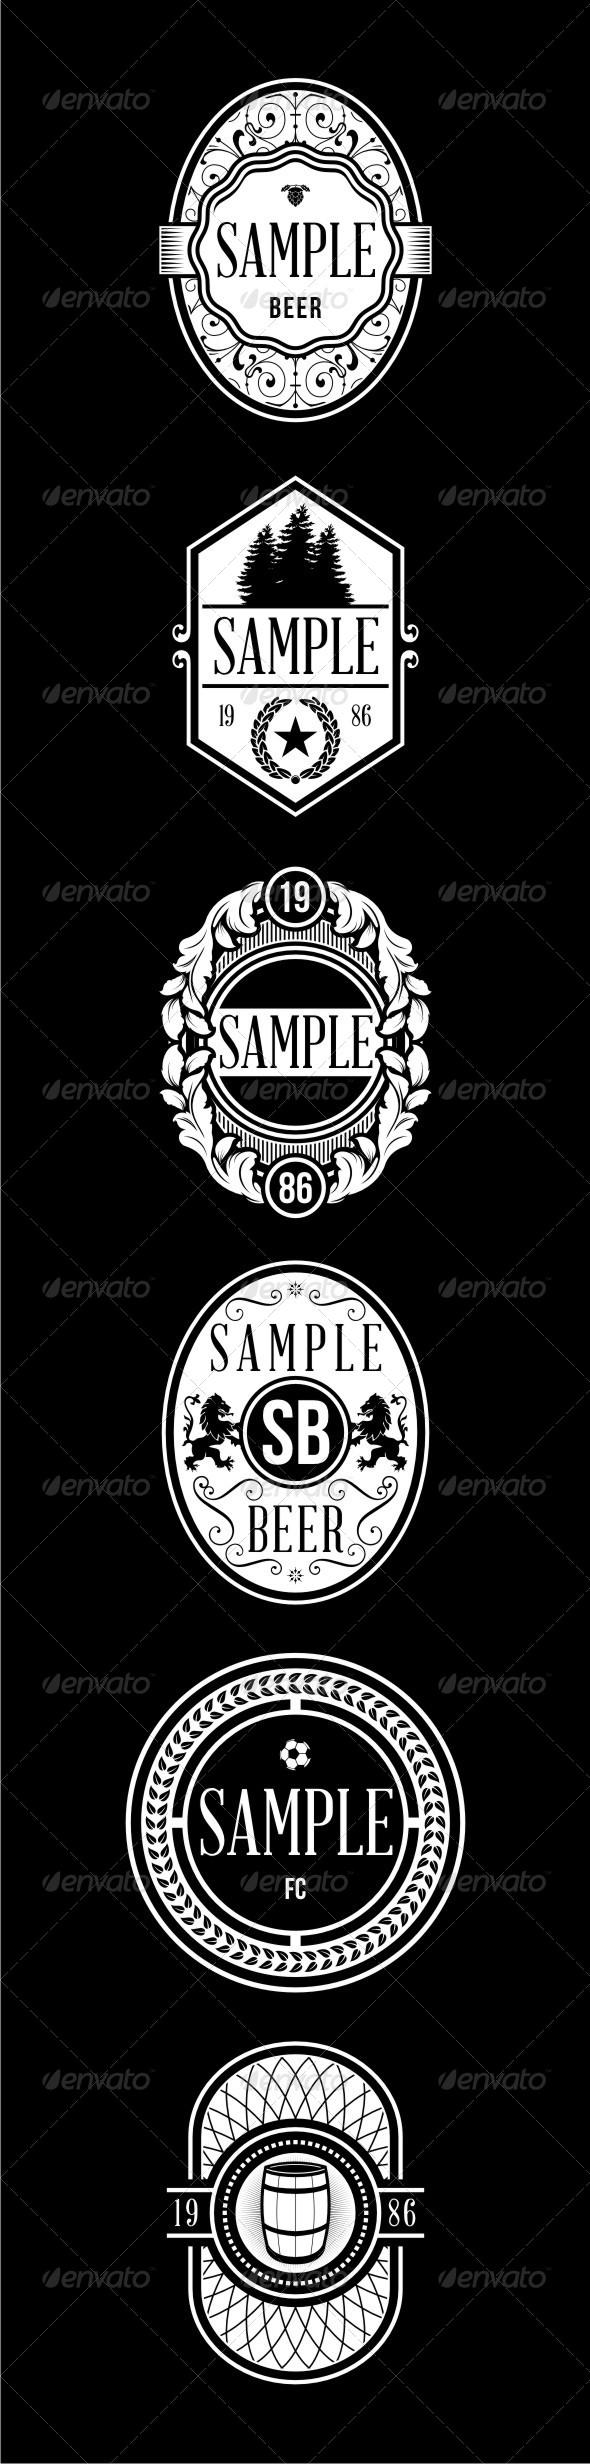 GraphicRiver 6 Vintage Badges 5761124